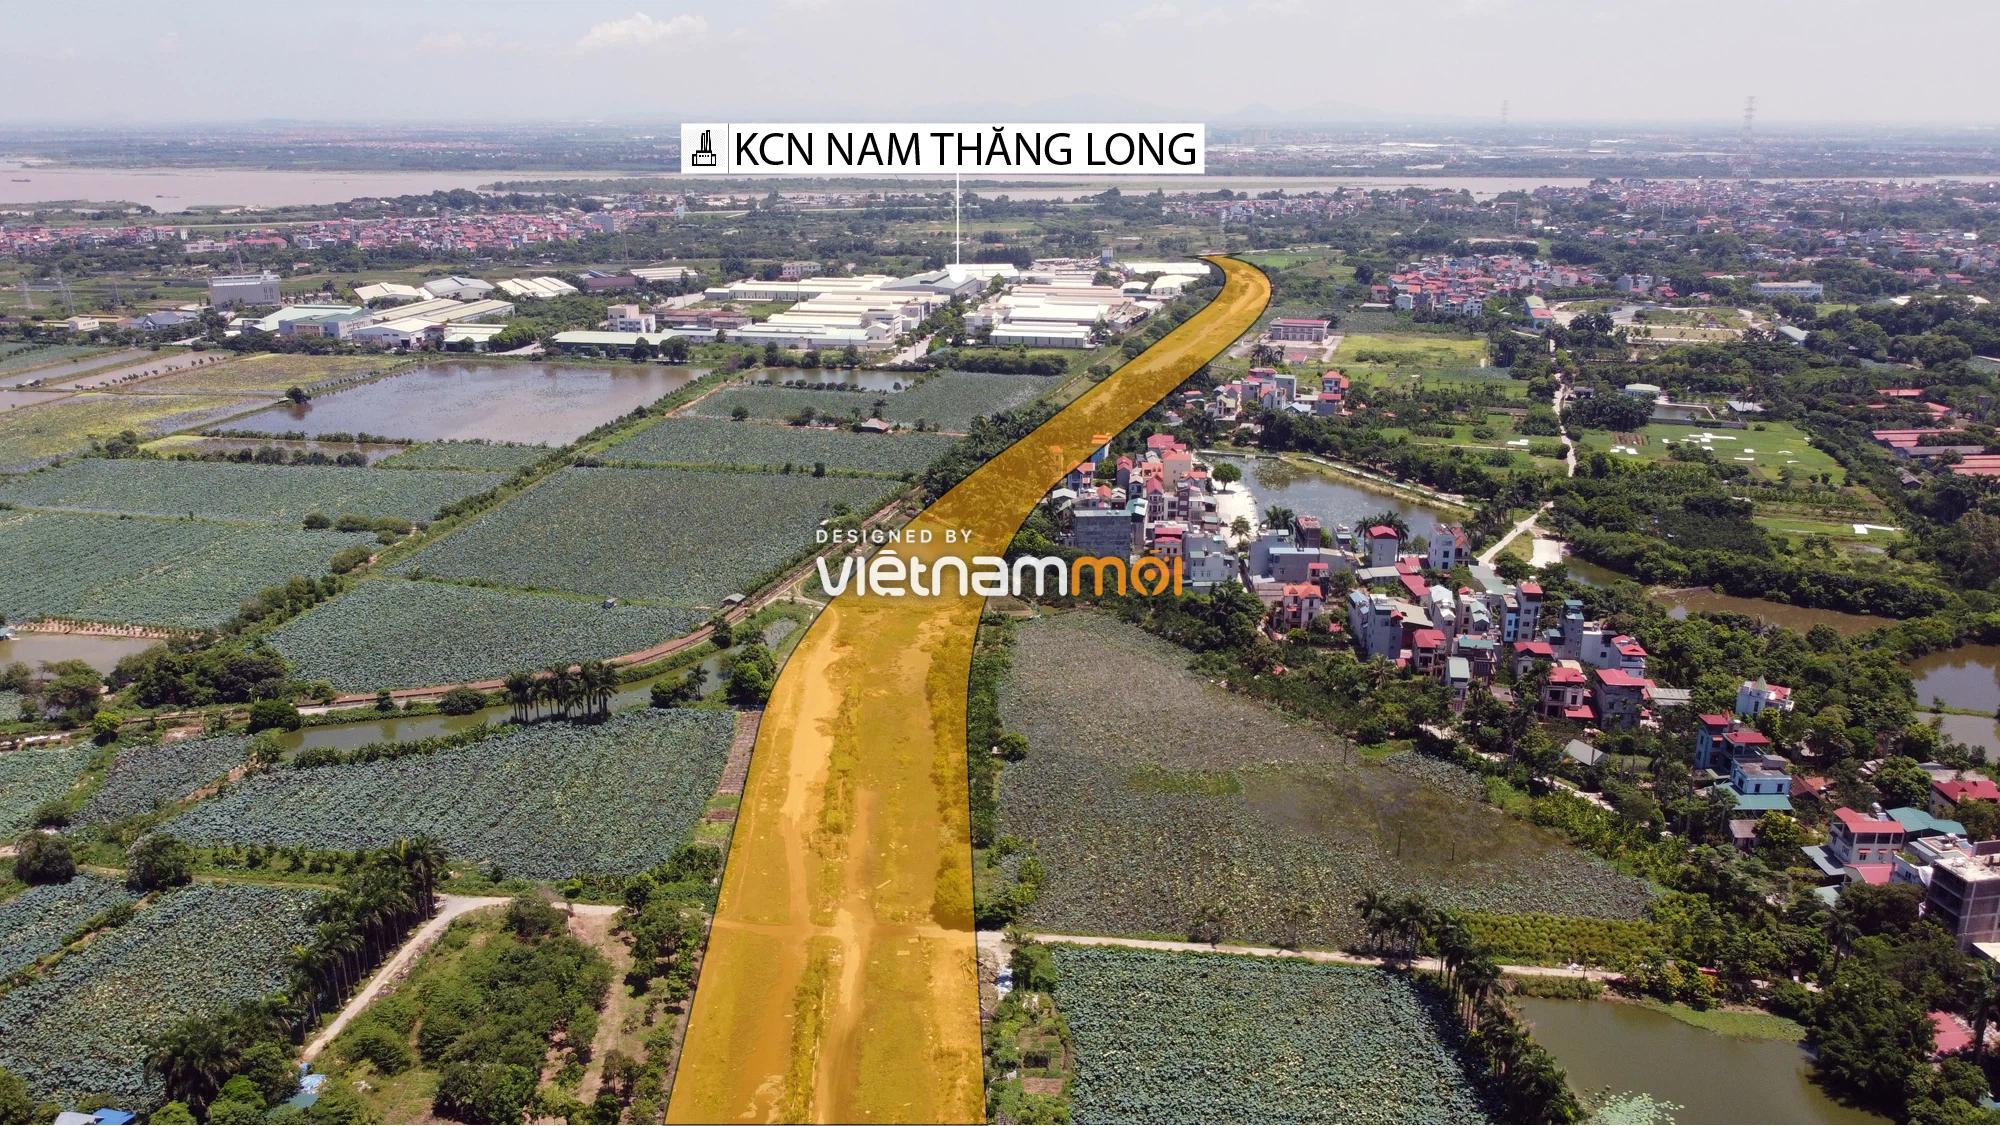 Chuyển động mới ở dự án đường vào KCN Nam Thăng Long, Bắc Từ Liêm, Hà Nội - Ảnh 8.